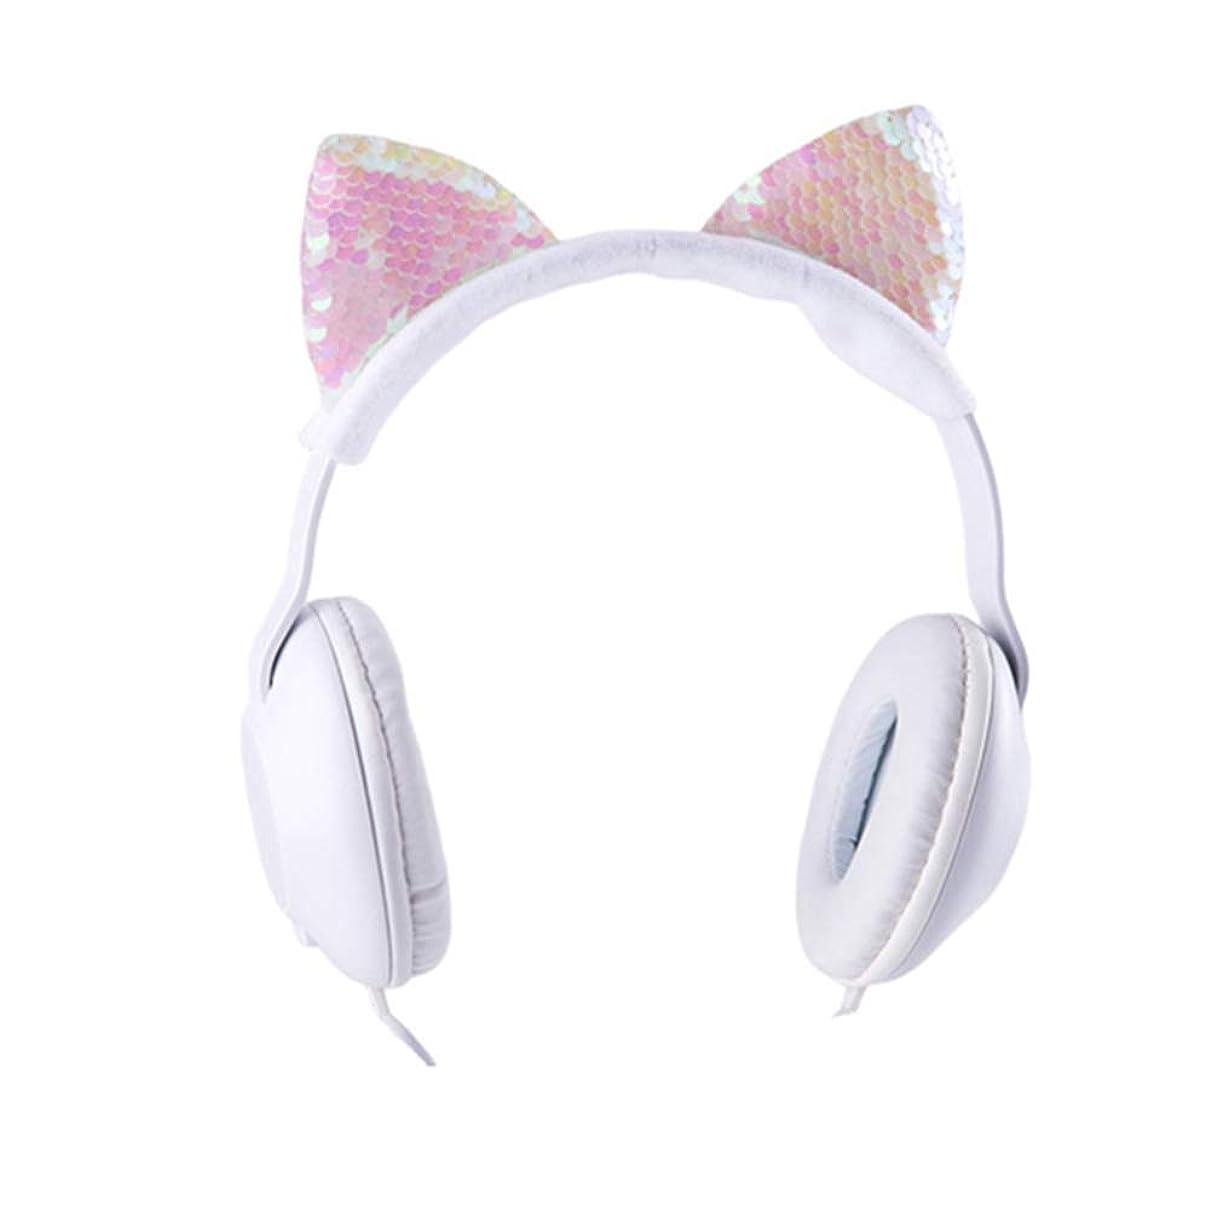 圧縮熟達した従来のLioncorek 猫耳ヘッドホン ネコ耳 かわいい イヤホン ワイヤレス マイク内蔵 折り畳み式 音量制御 聴力保護 高音質 スパンコール キラキラ 軽量 耐久 遮音 開放型ヘッドフォン 柔軟 ゲーム用 コンパクト 対応性(ピンク)